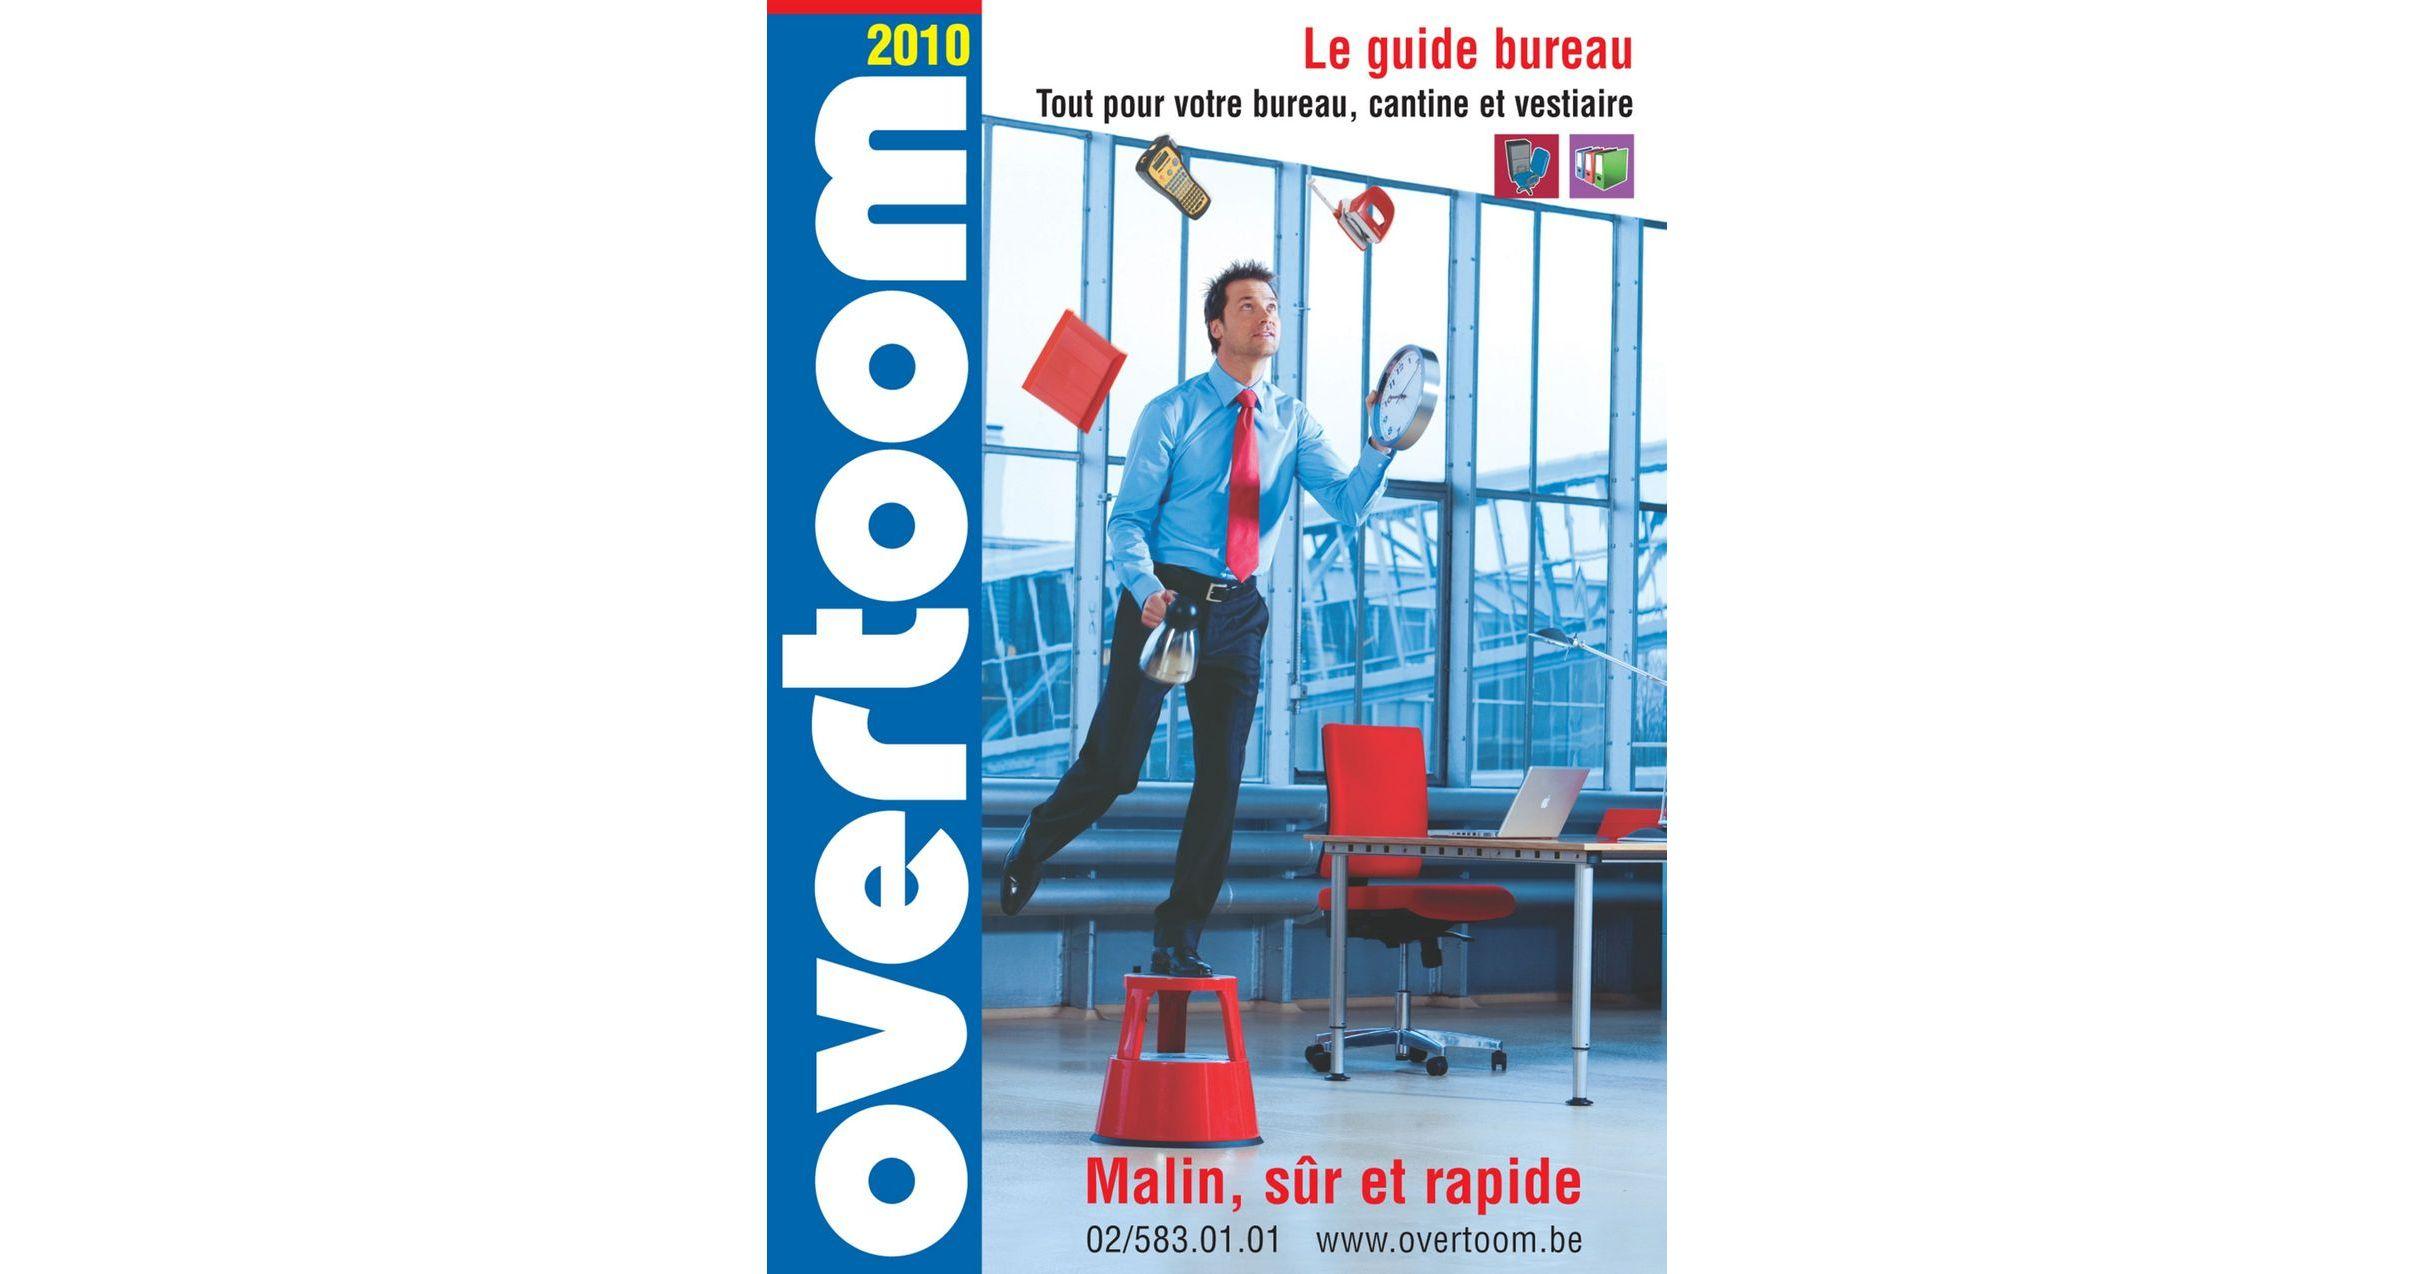 Le Guide Bureau 2010